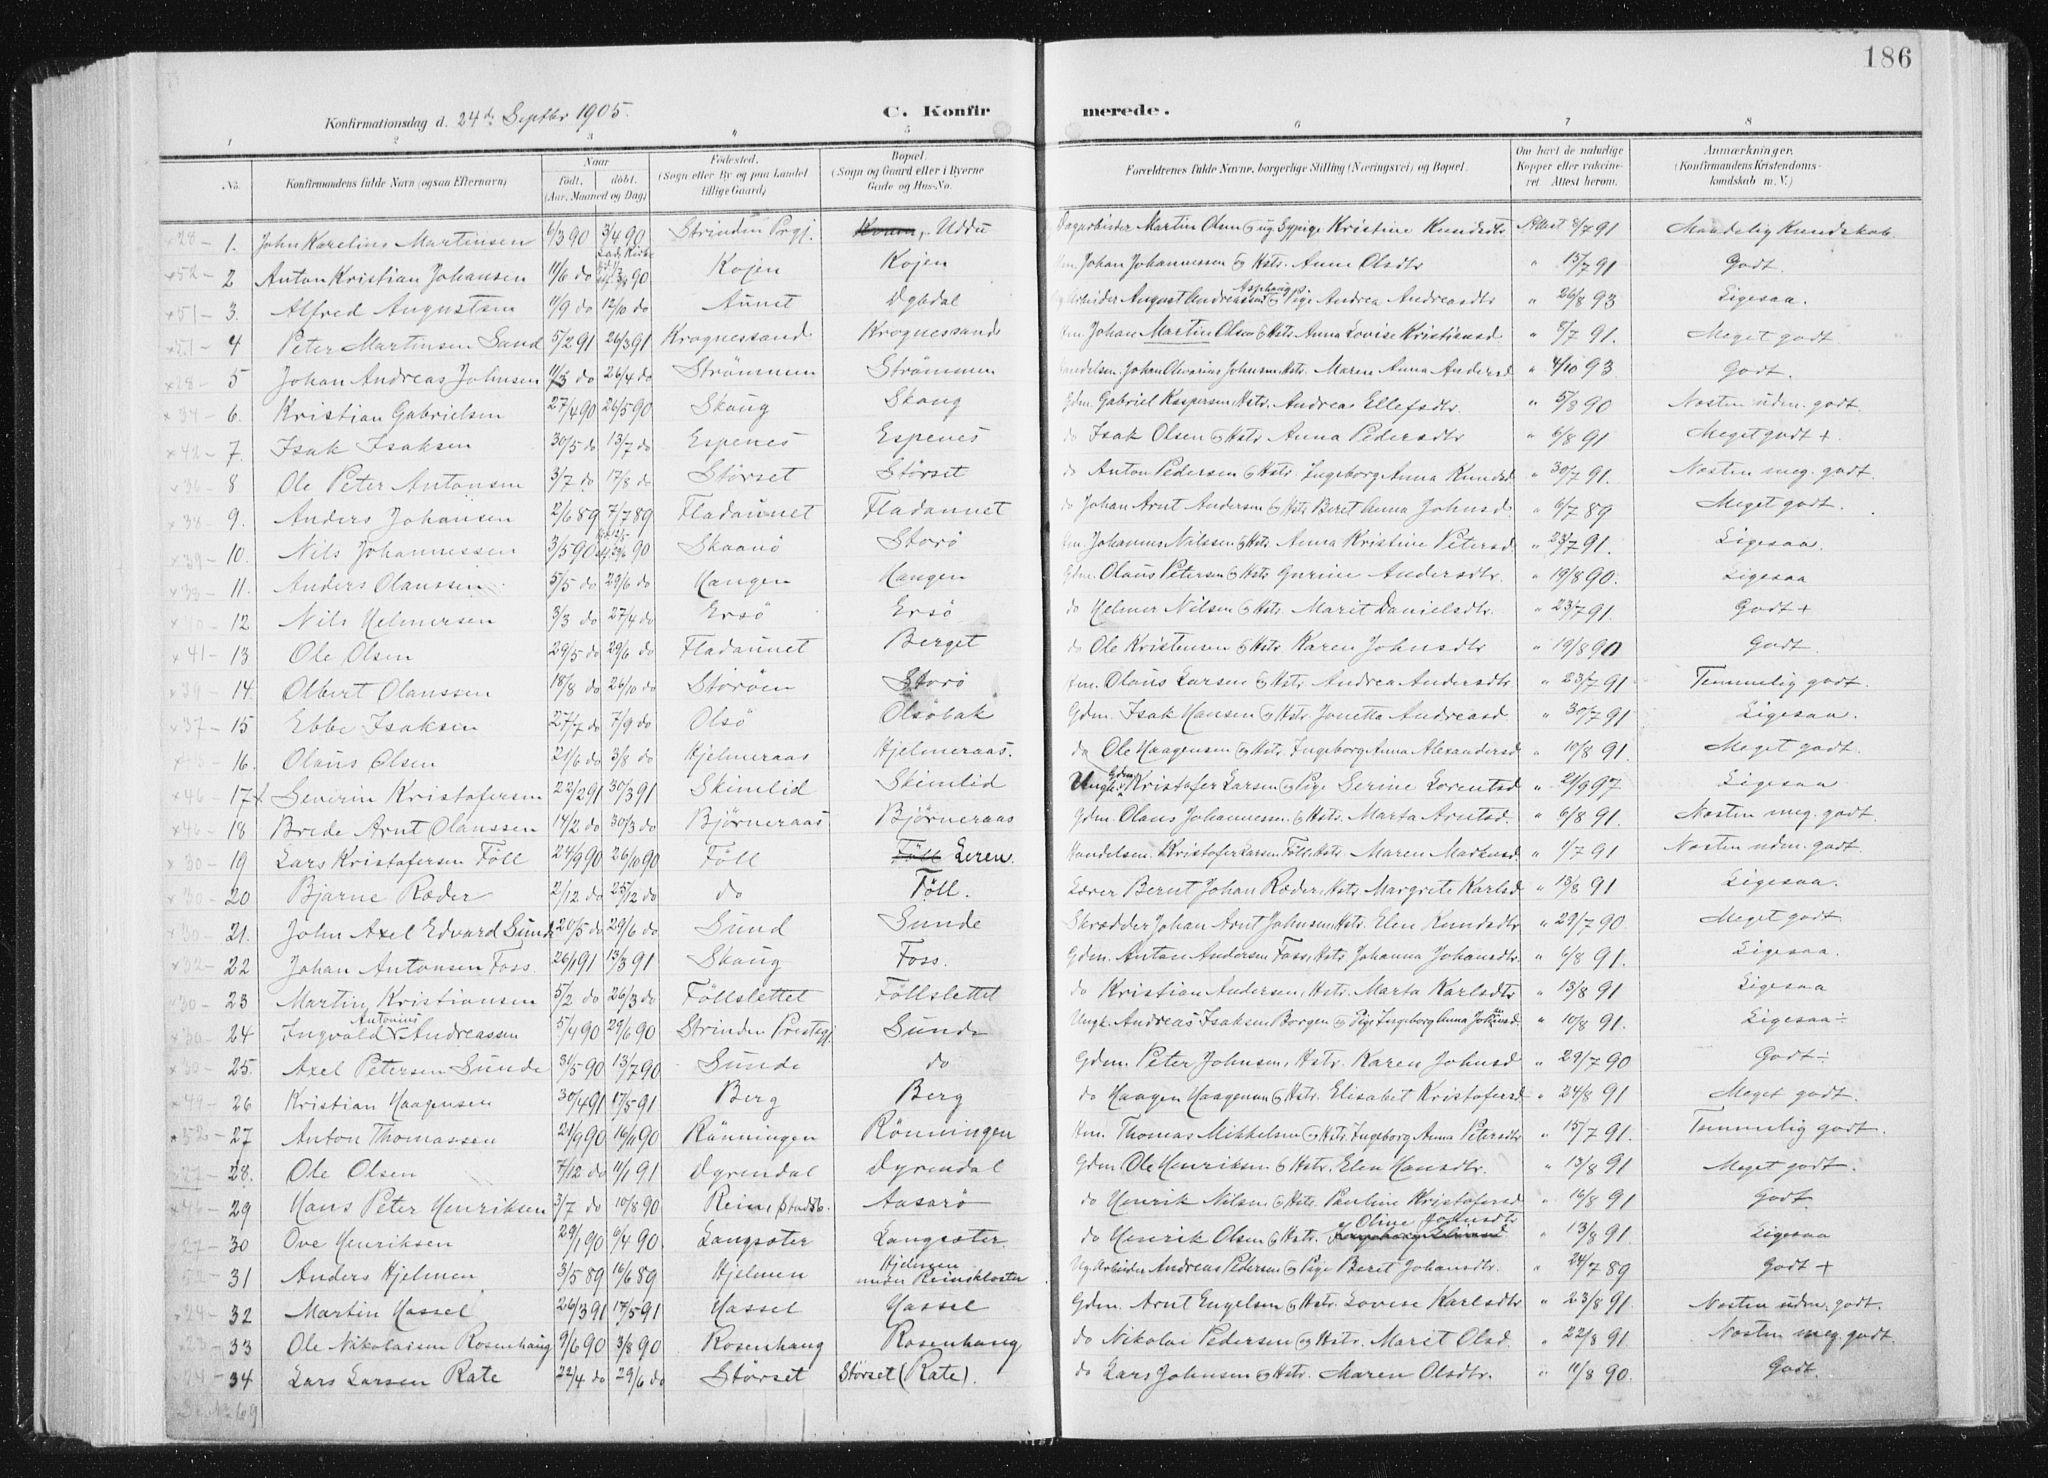 SAT, Ministerialprotokoller, klokkerbøker og fødselsregistre - Sør-Trøndelag, 647/L0635: Ministerialbok nr. 647A02, 1896-1911, s. 186